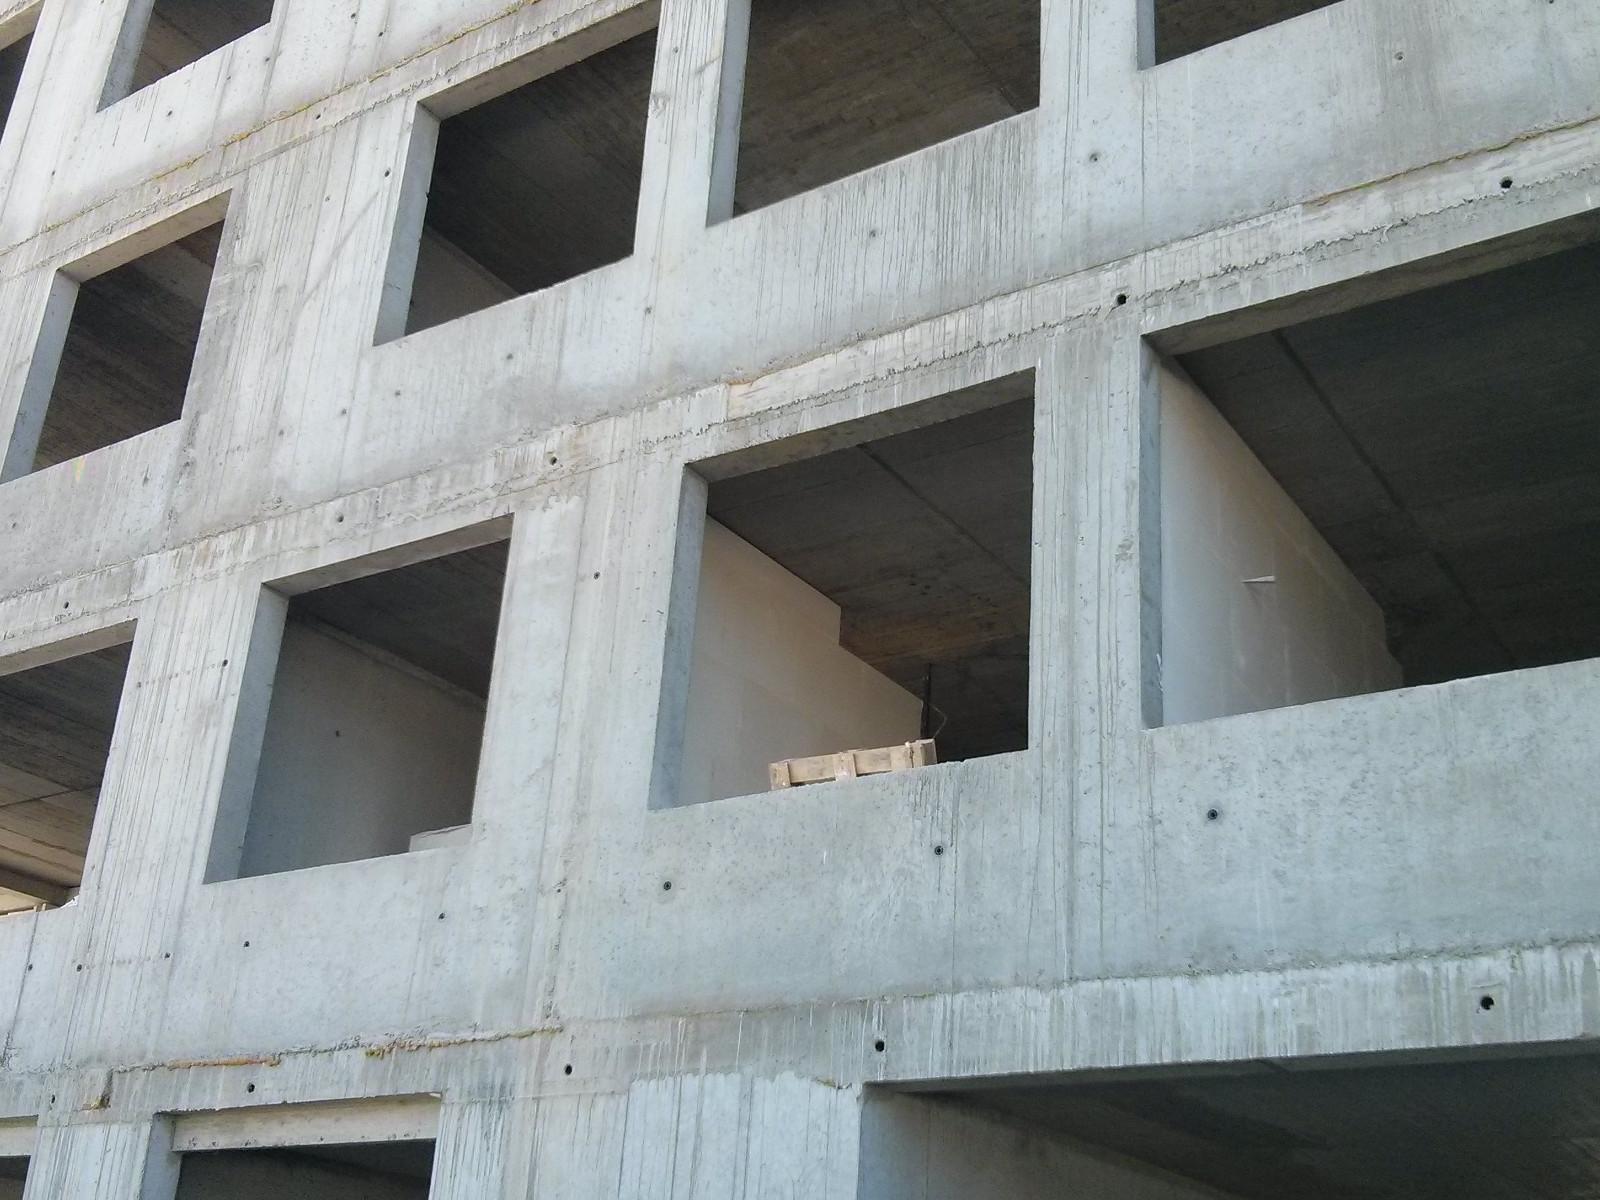 Stawianie ścianek działowych w nowych mieszkaniach w Krakowie na Orlińskiego 6